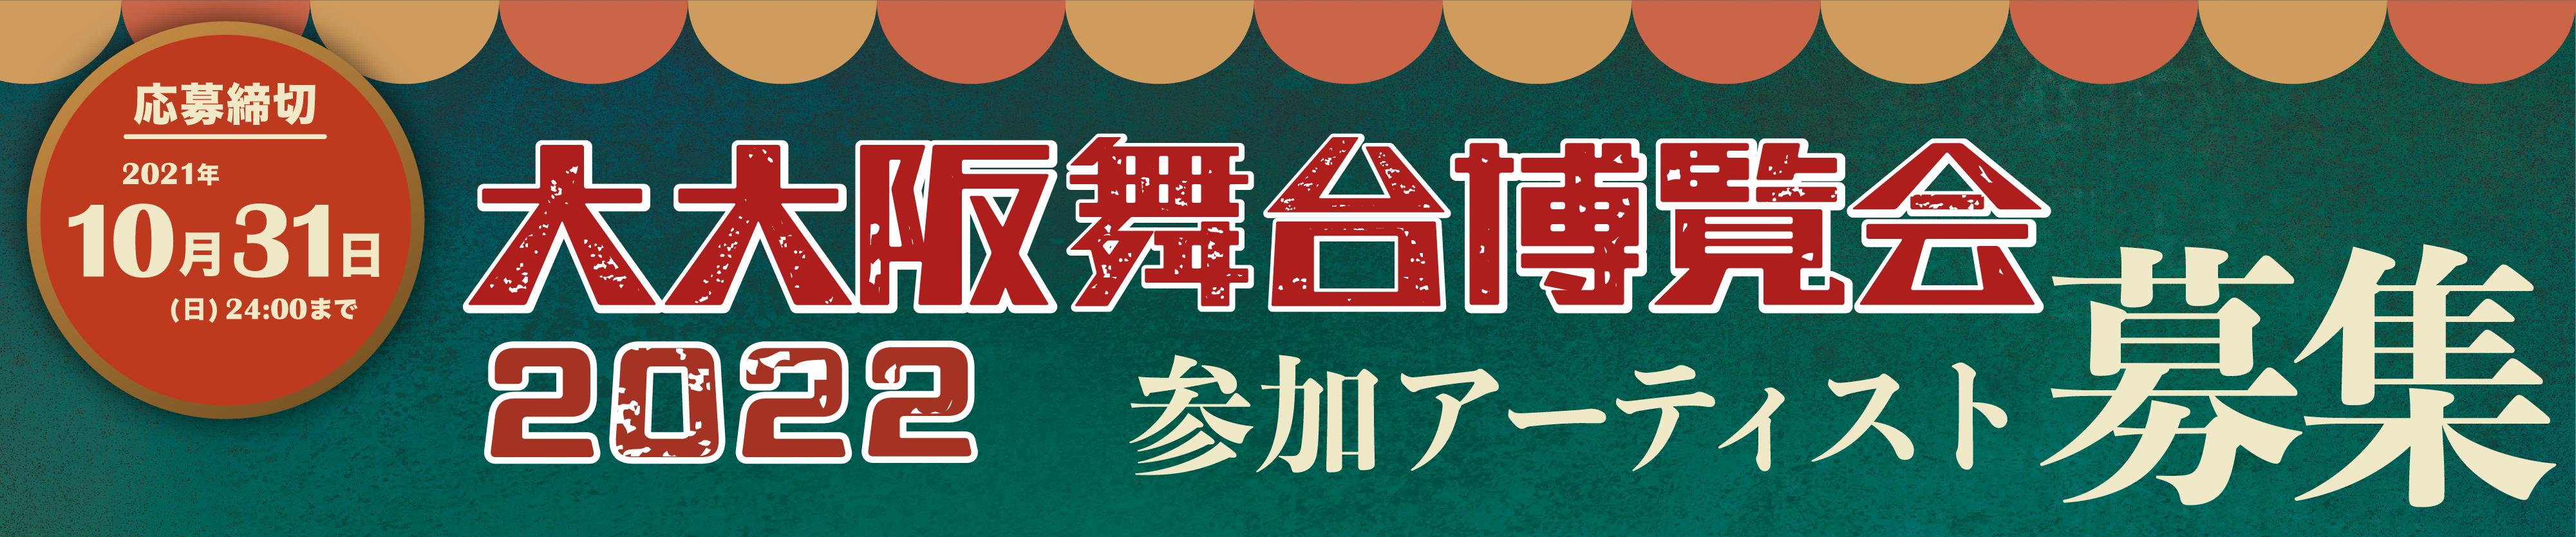 大大阪舞台博覧会